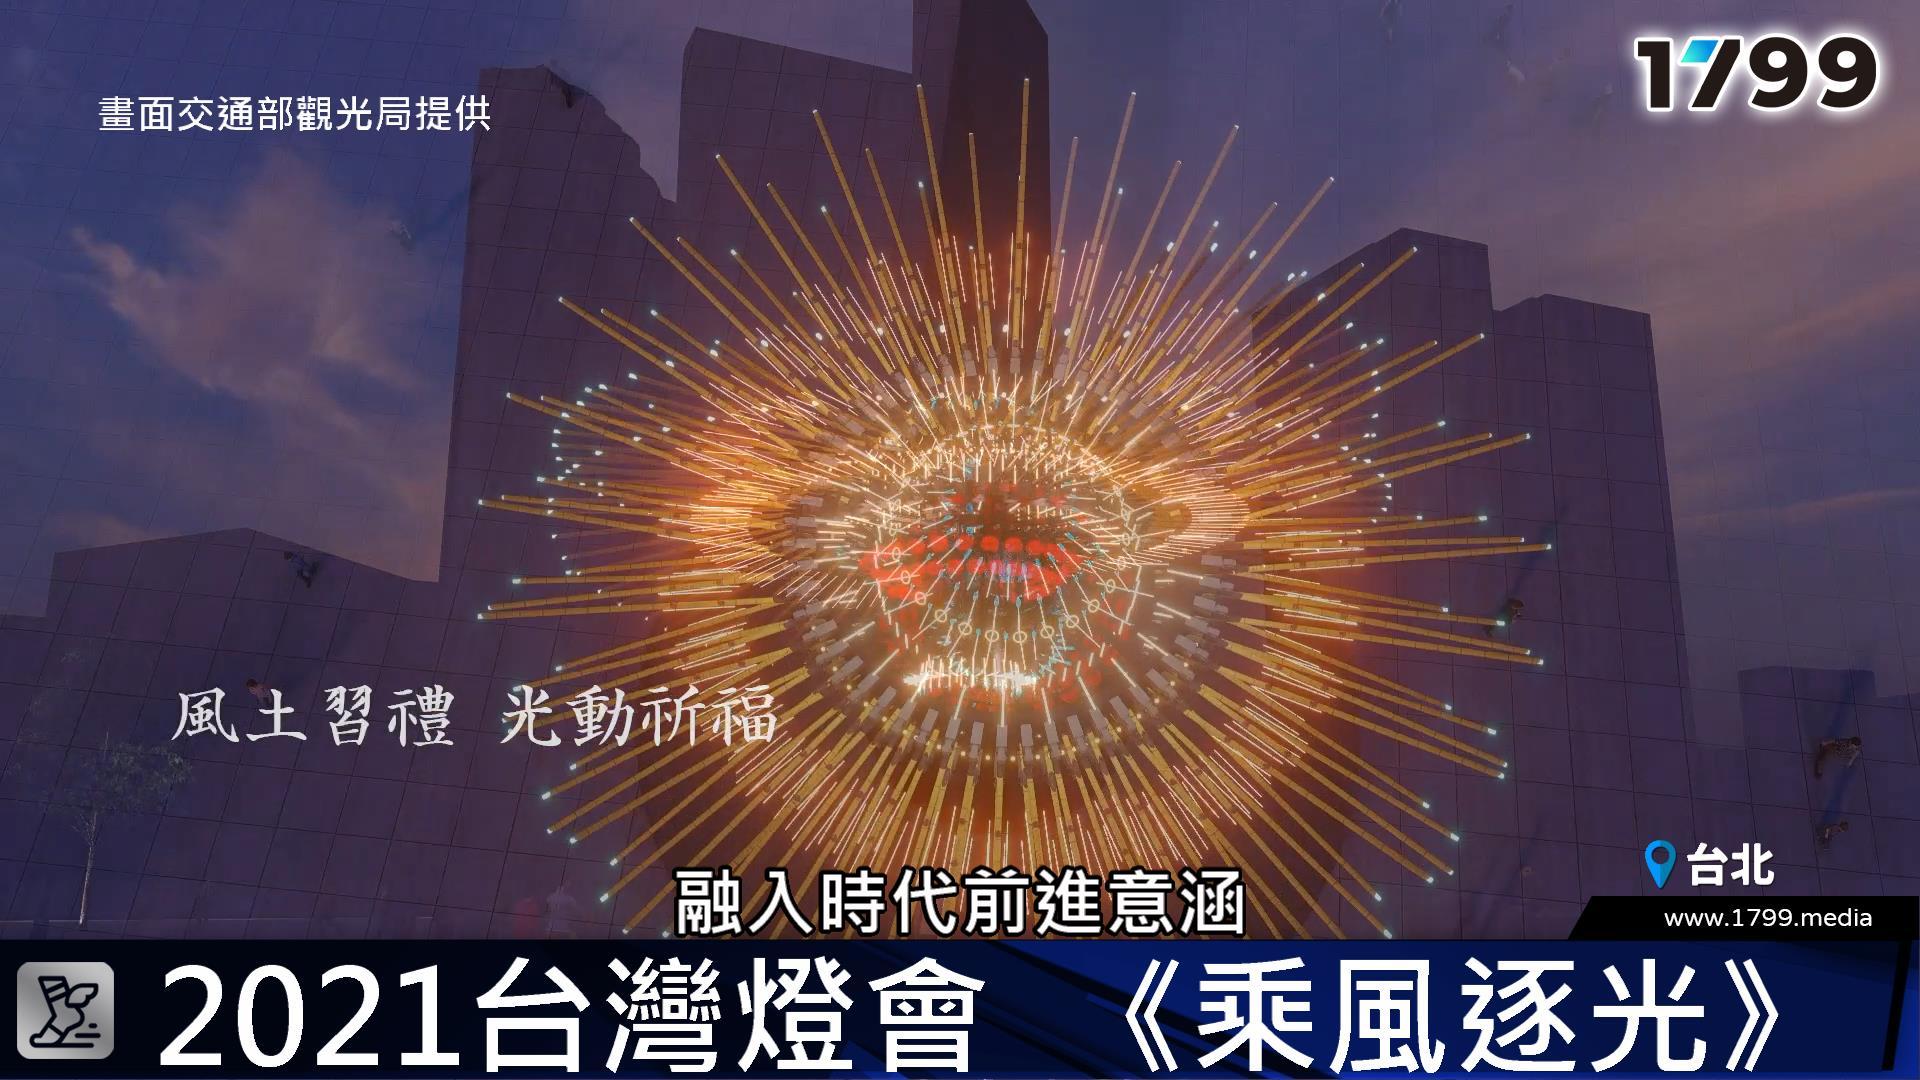 2021台灣燈會在新竹 喜鵲迎光、狀元牛兩座副燈帶來好彩頭